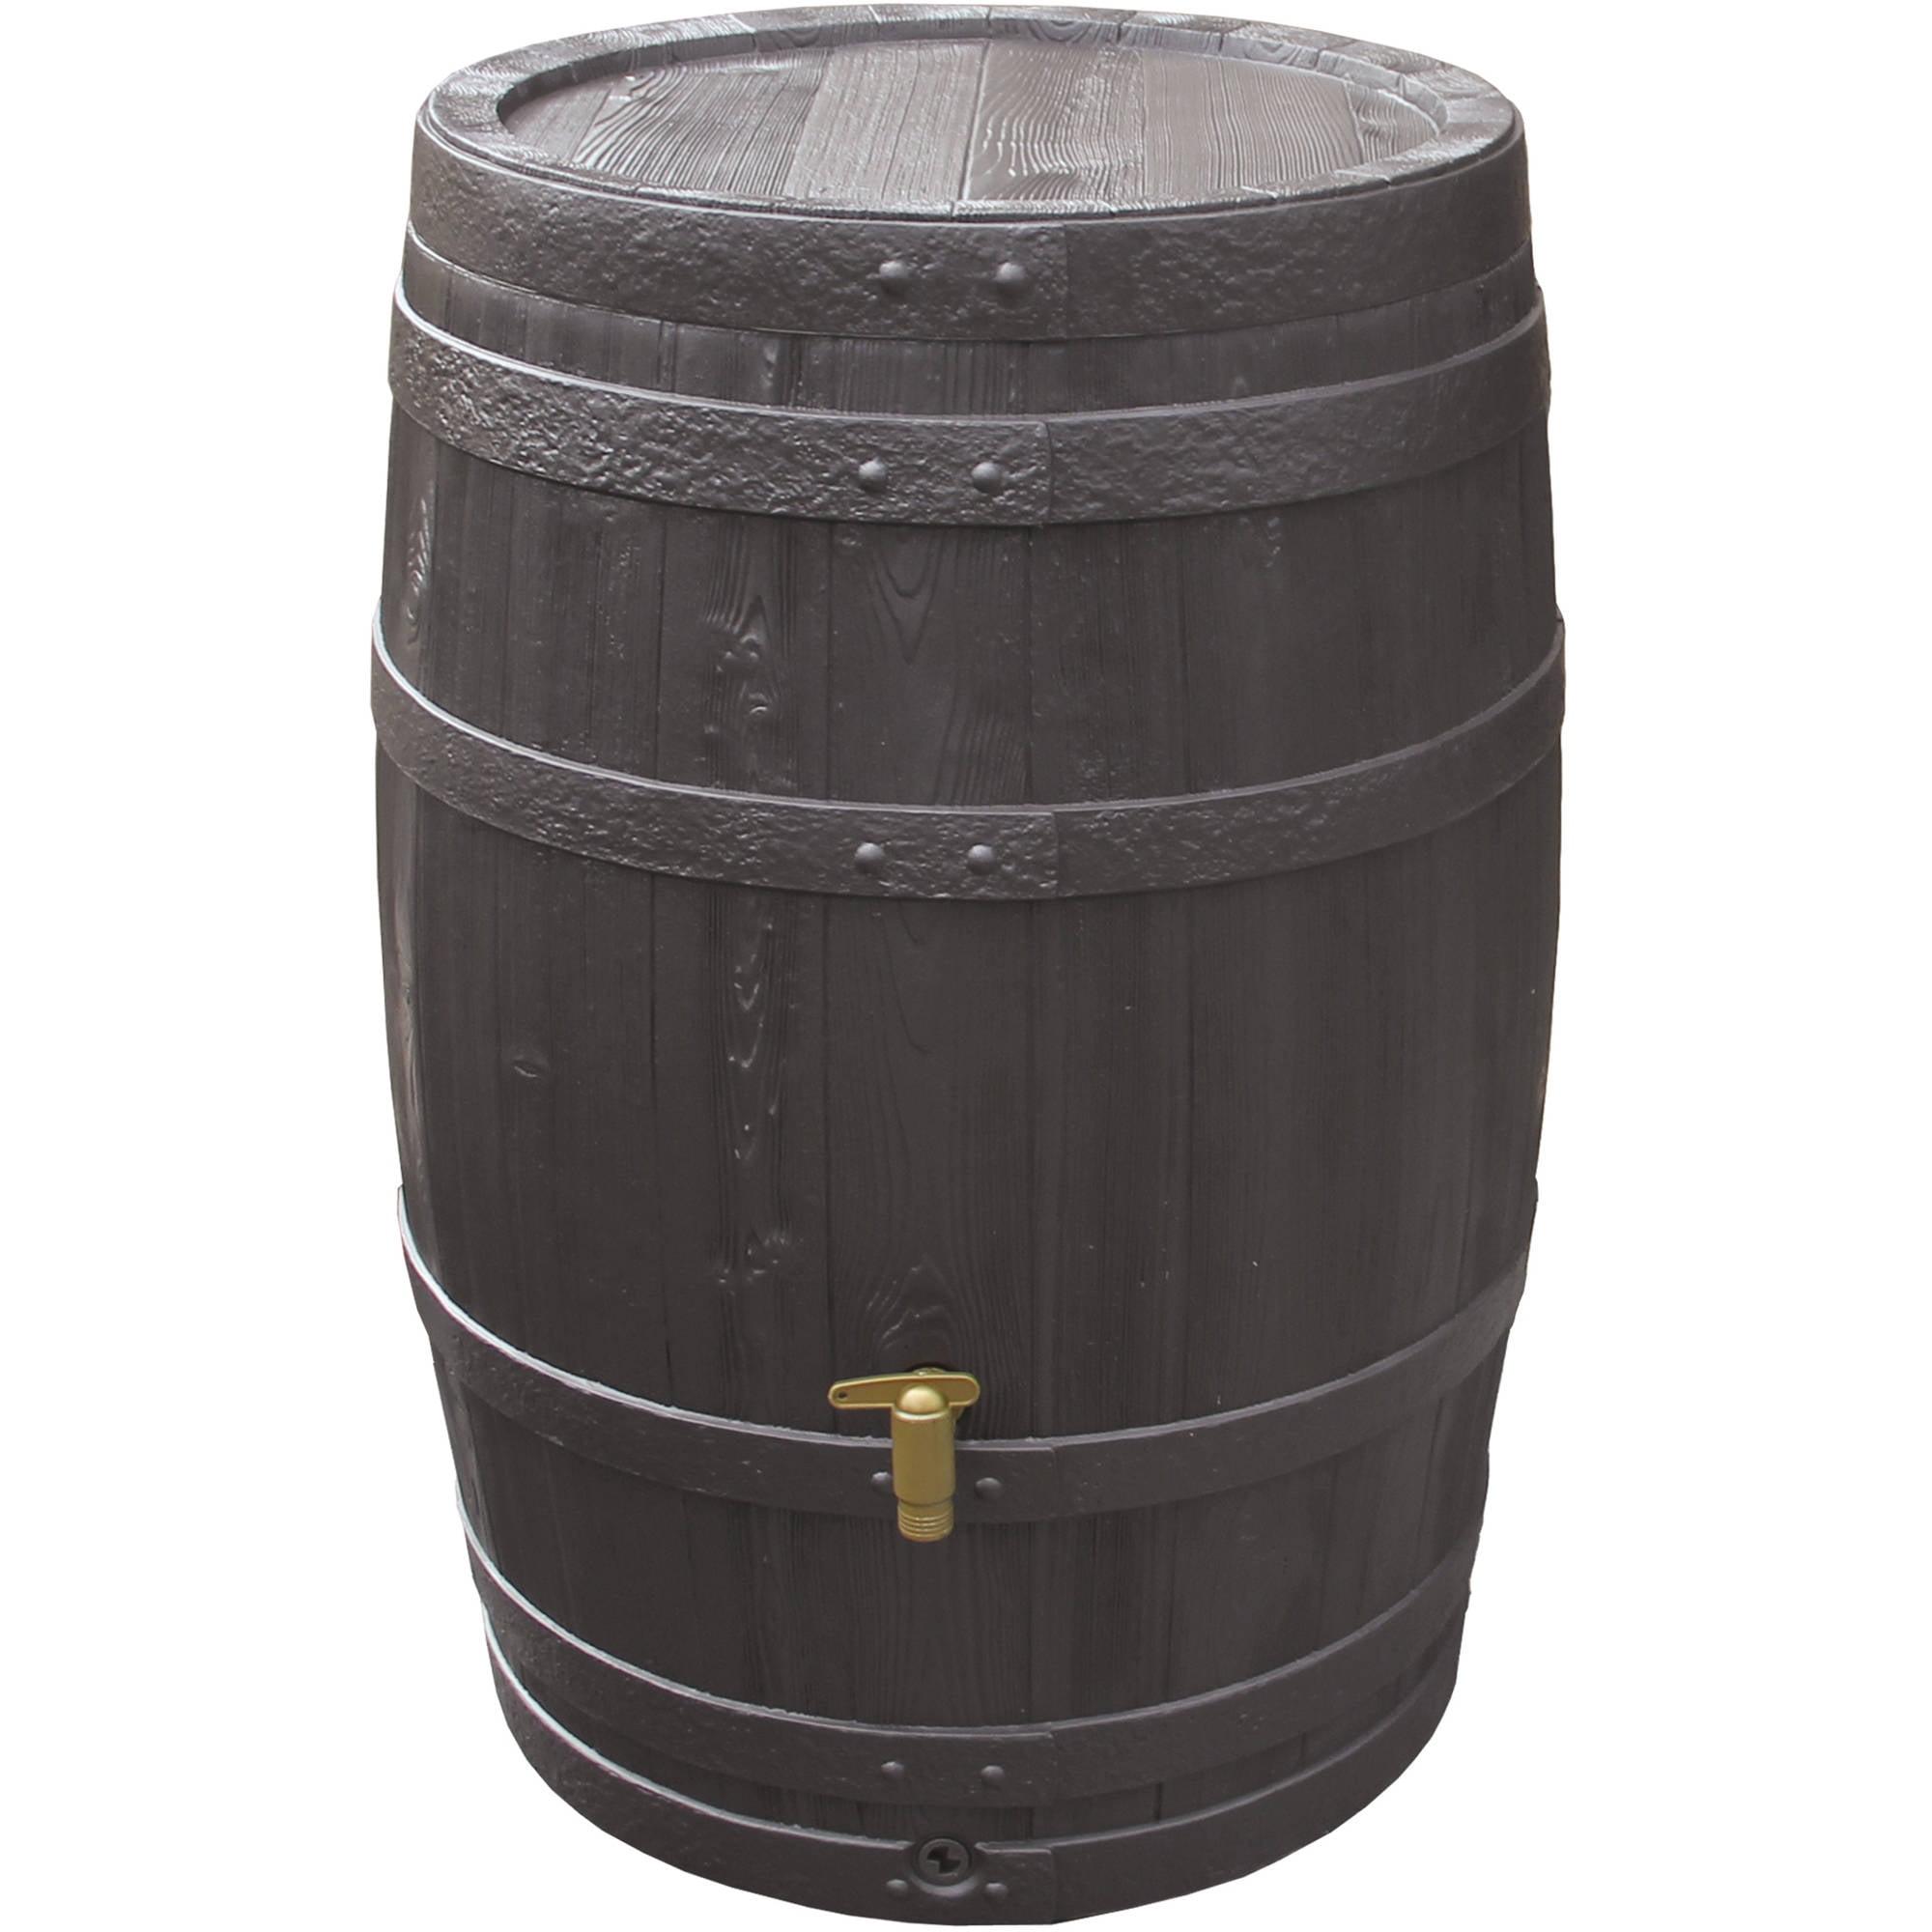 Exaco Vino Rain Barrel